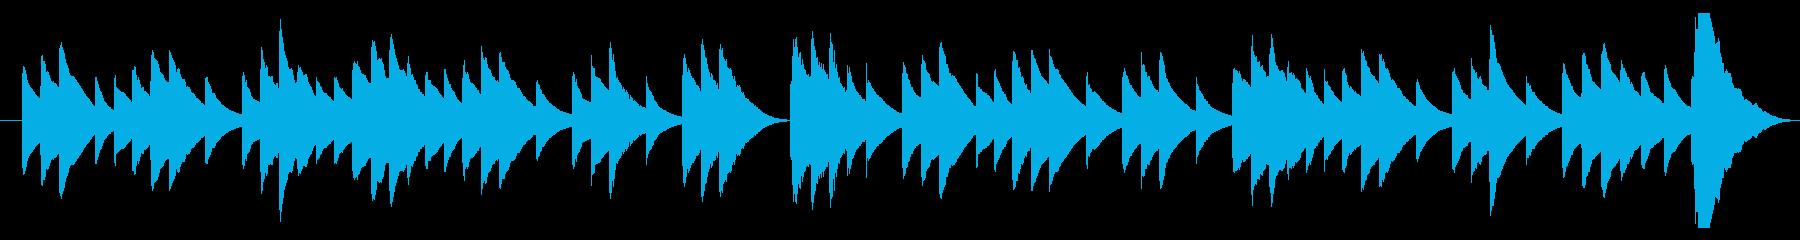 儚げなオルゴールのBGMの再生済みの波形